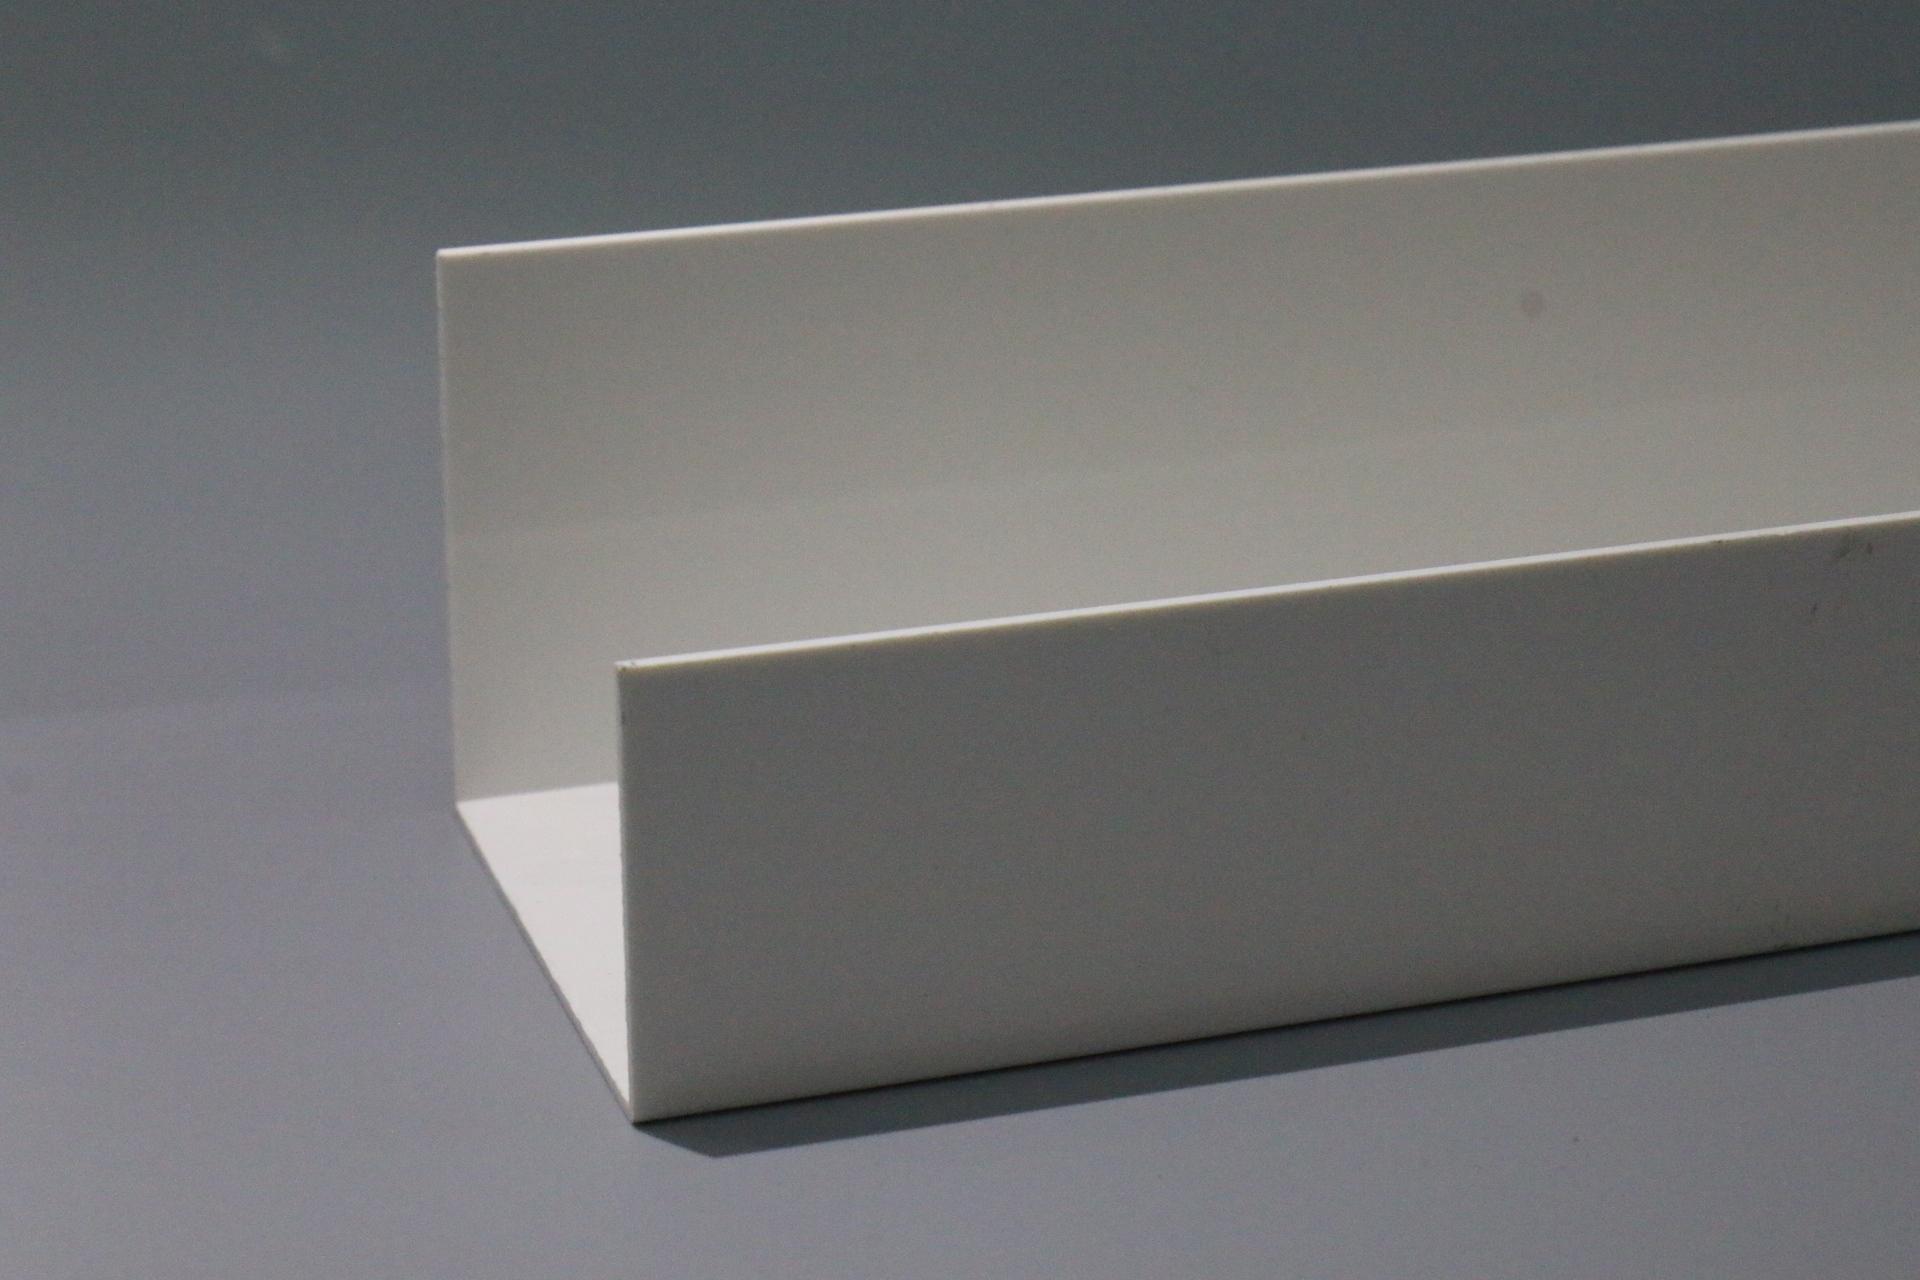 塑料线槽水槽1